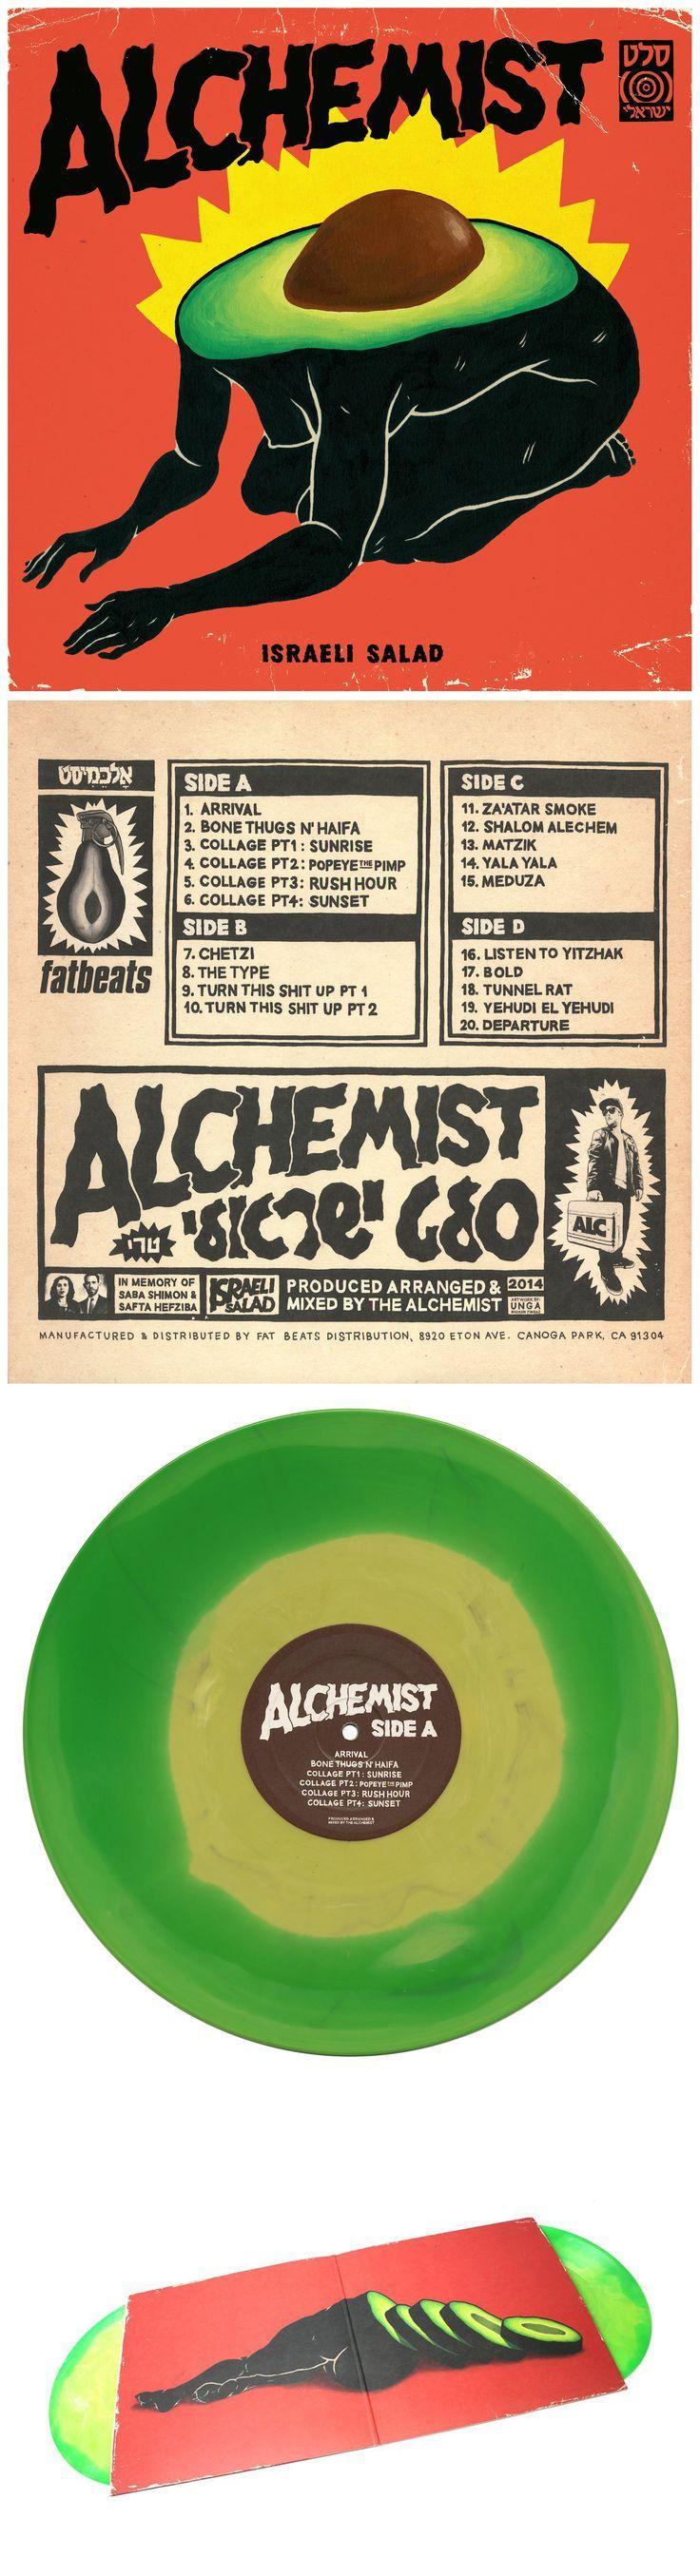 Alchemist - Israeli Salad. -